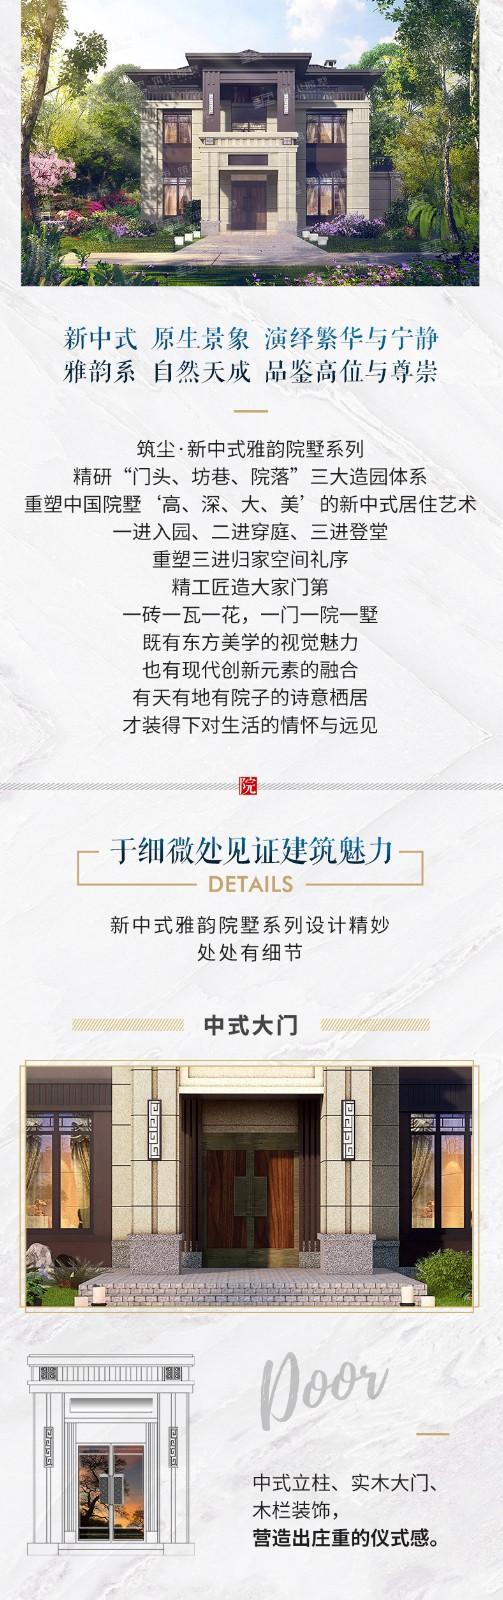 新中式雅韵院墅系列·舒适款Z1